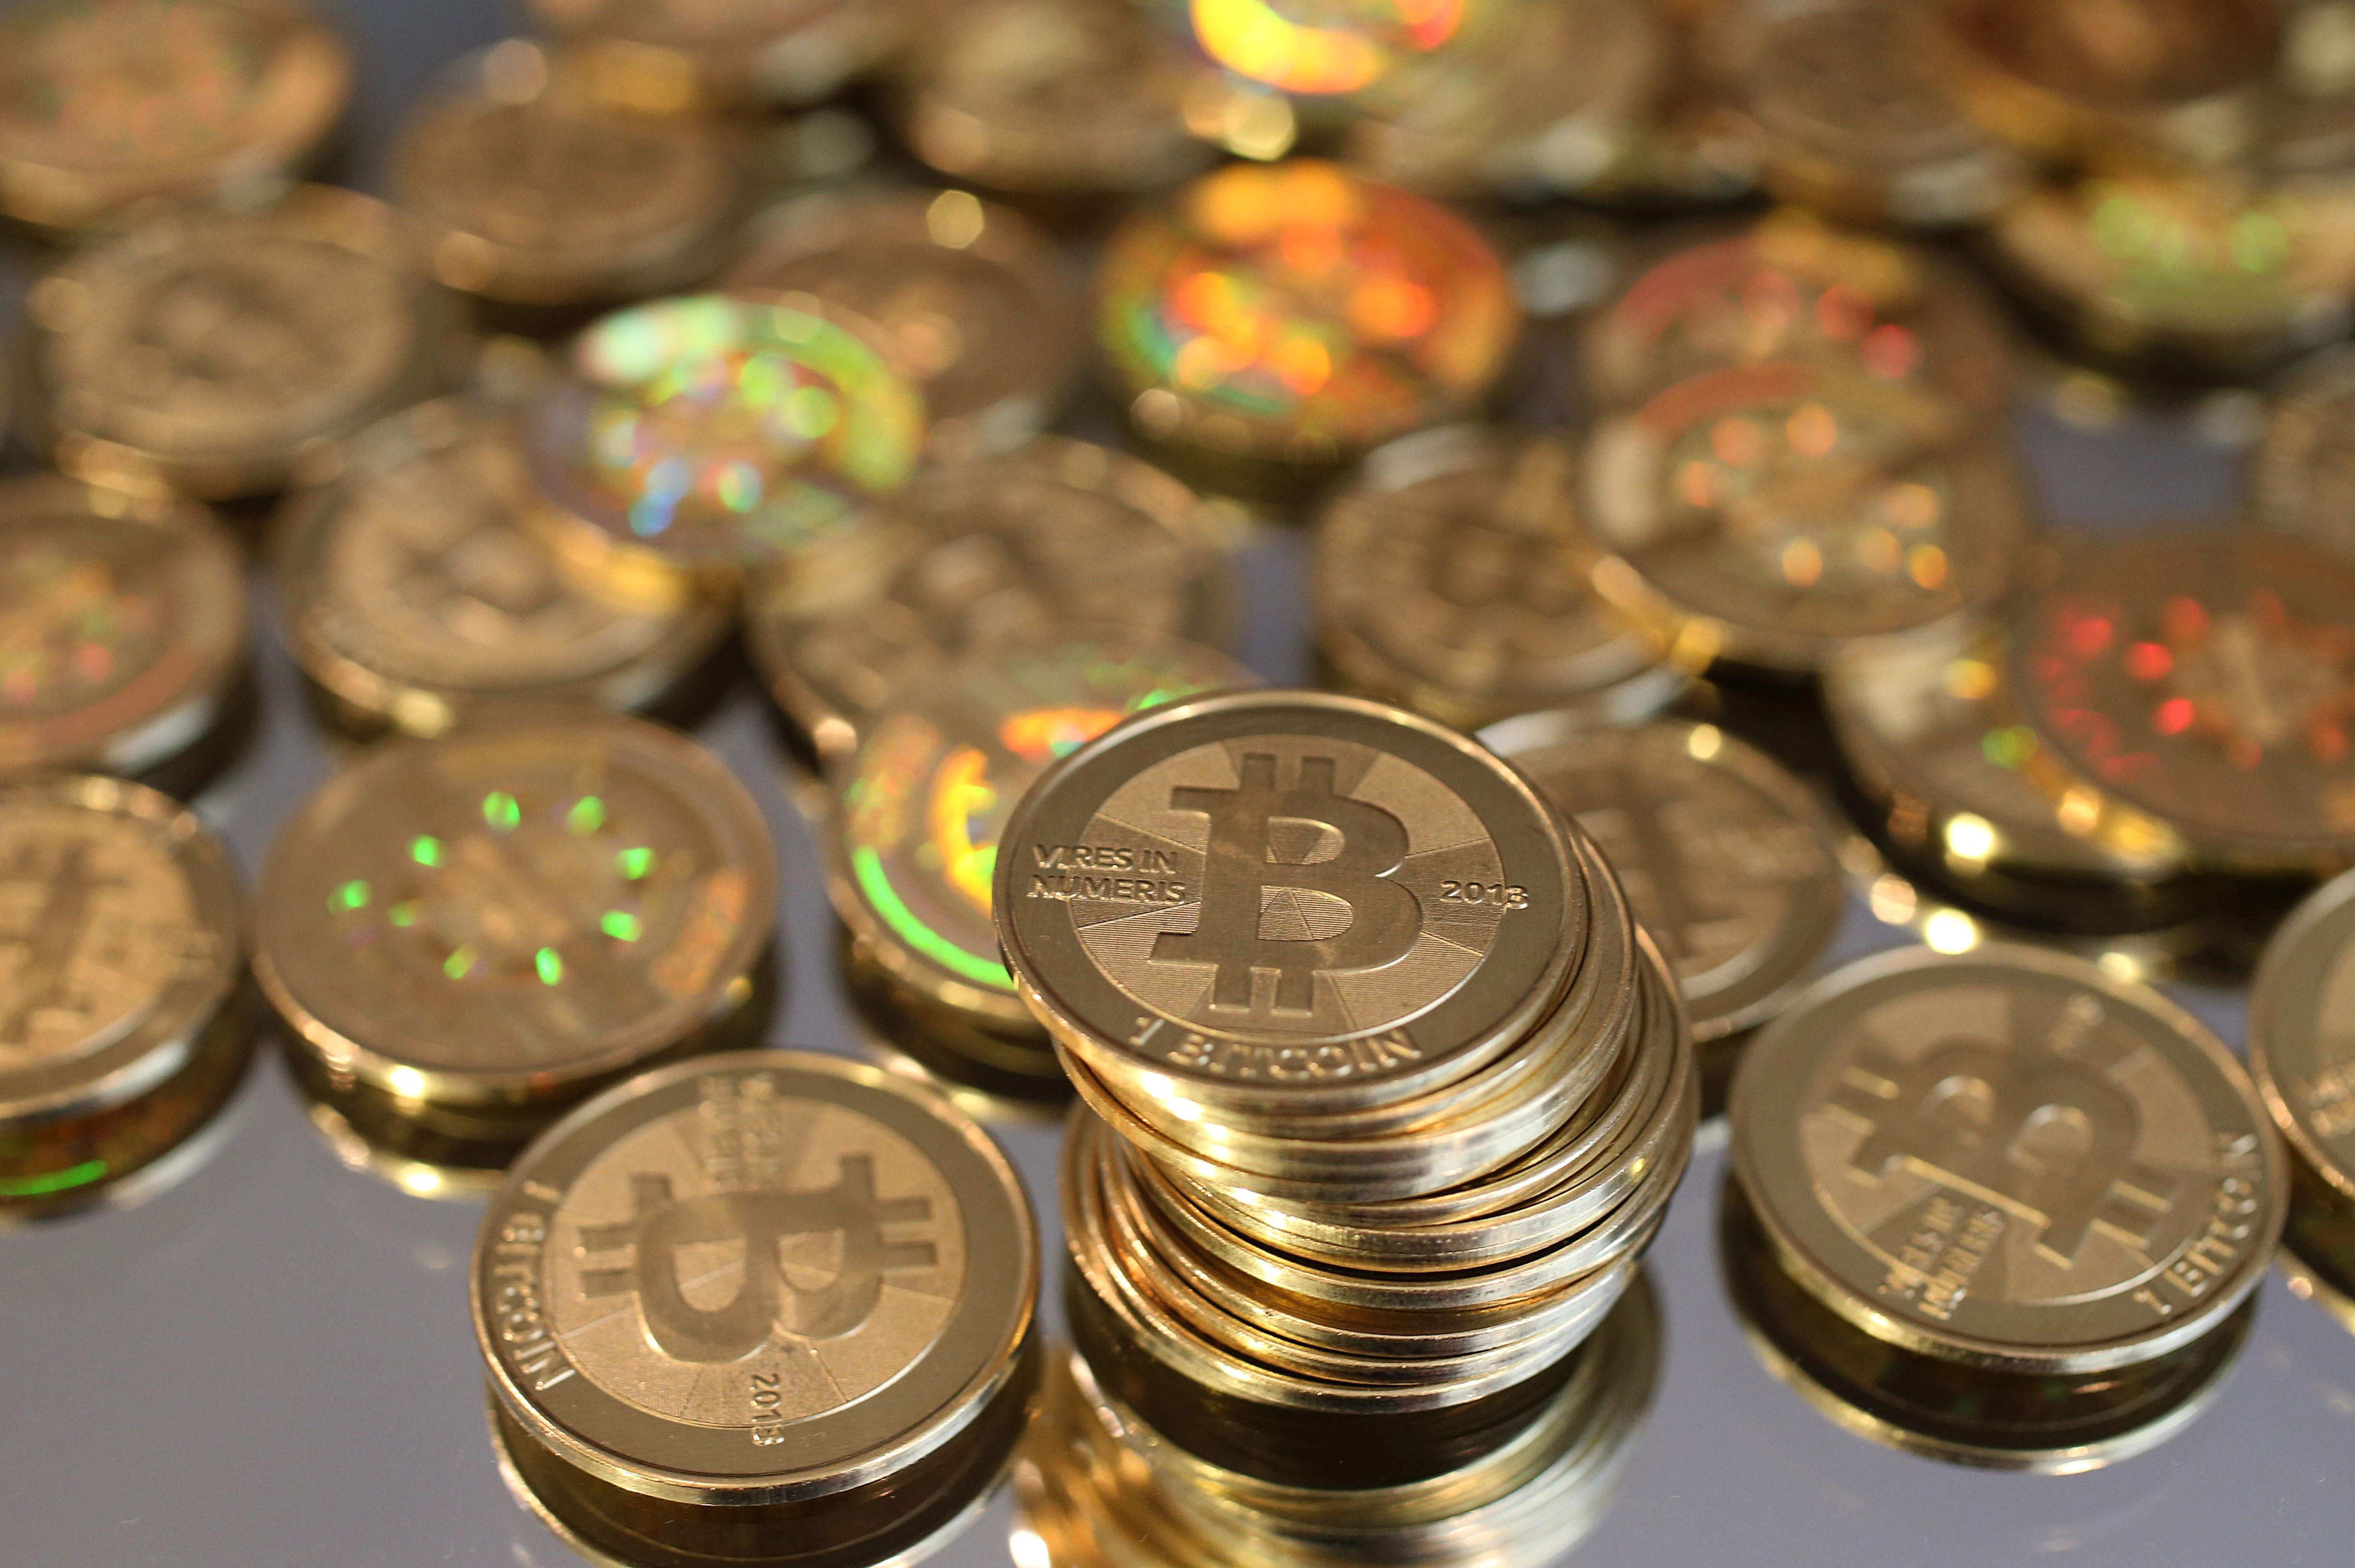 https://www.nationaljournal.com/media/media/2013/11/18/Bitcoins_pW6fvoT.jpg